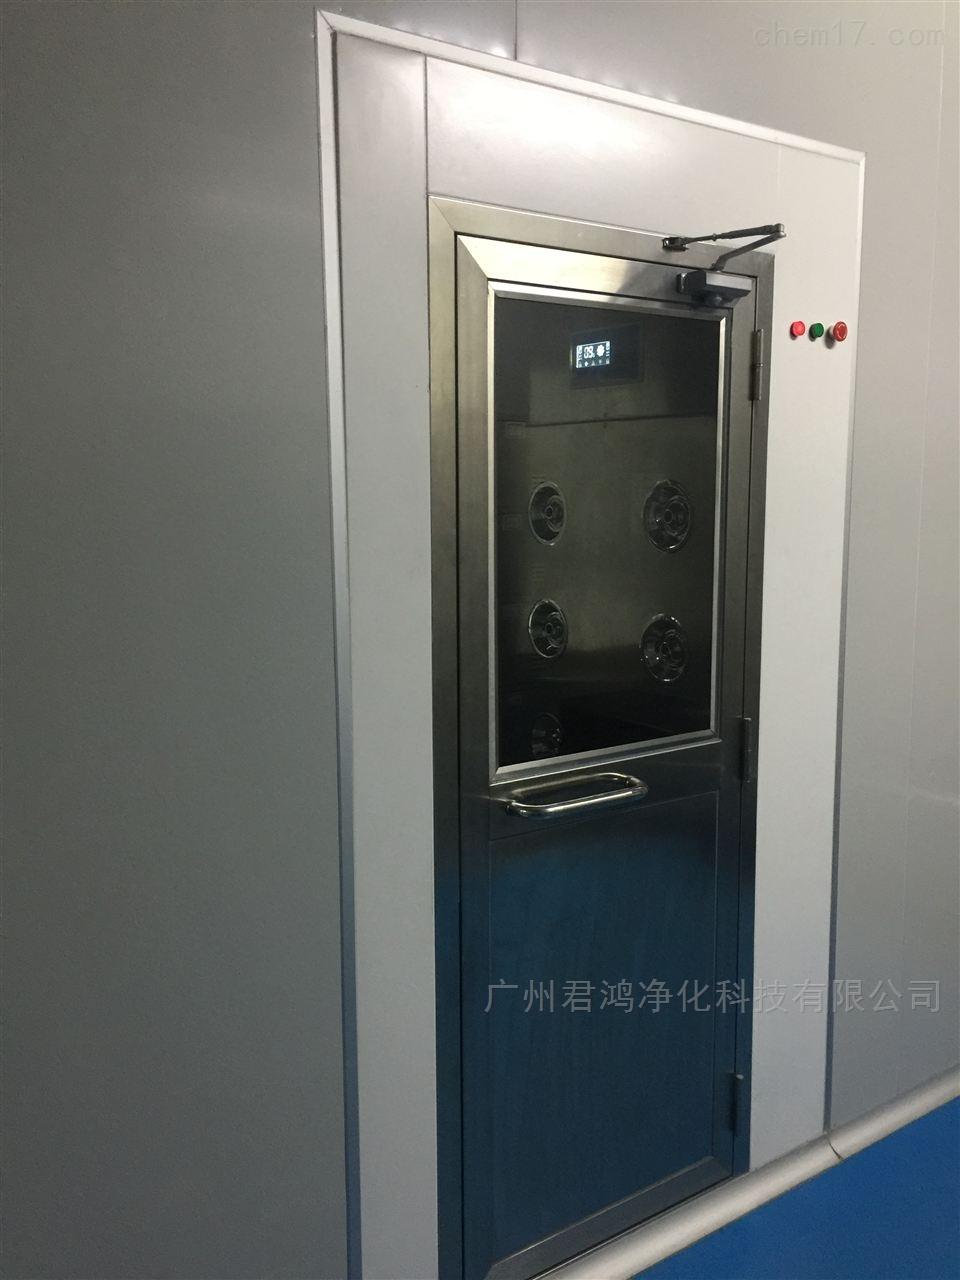 广州君鸿净化全304不锈钢风淋室细节品质